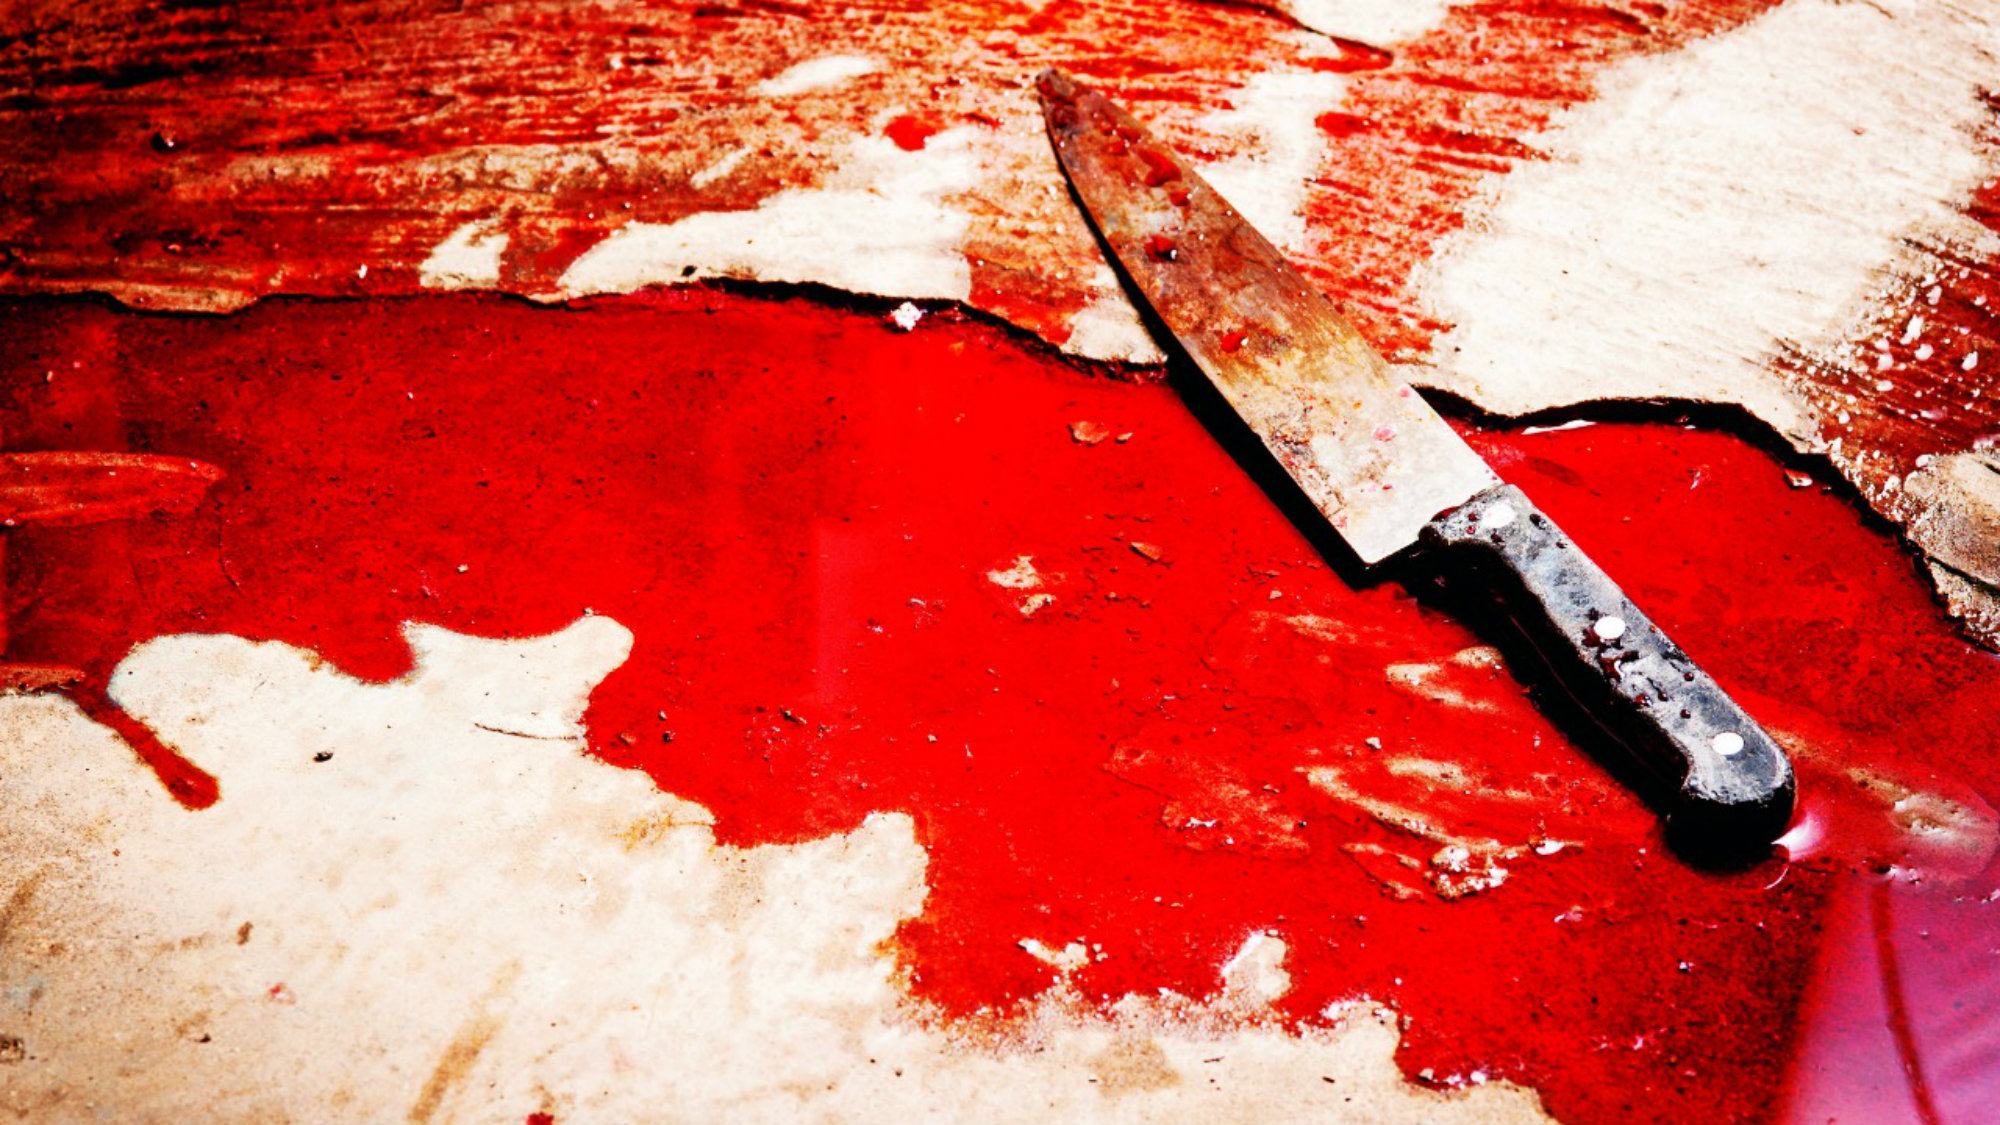 Mes sangriento Violencia Morelos Homicidios Seguridad